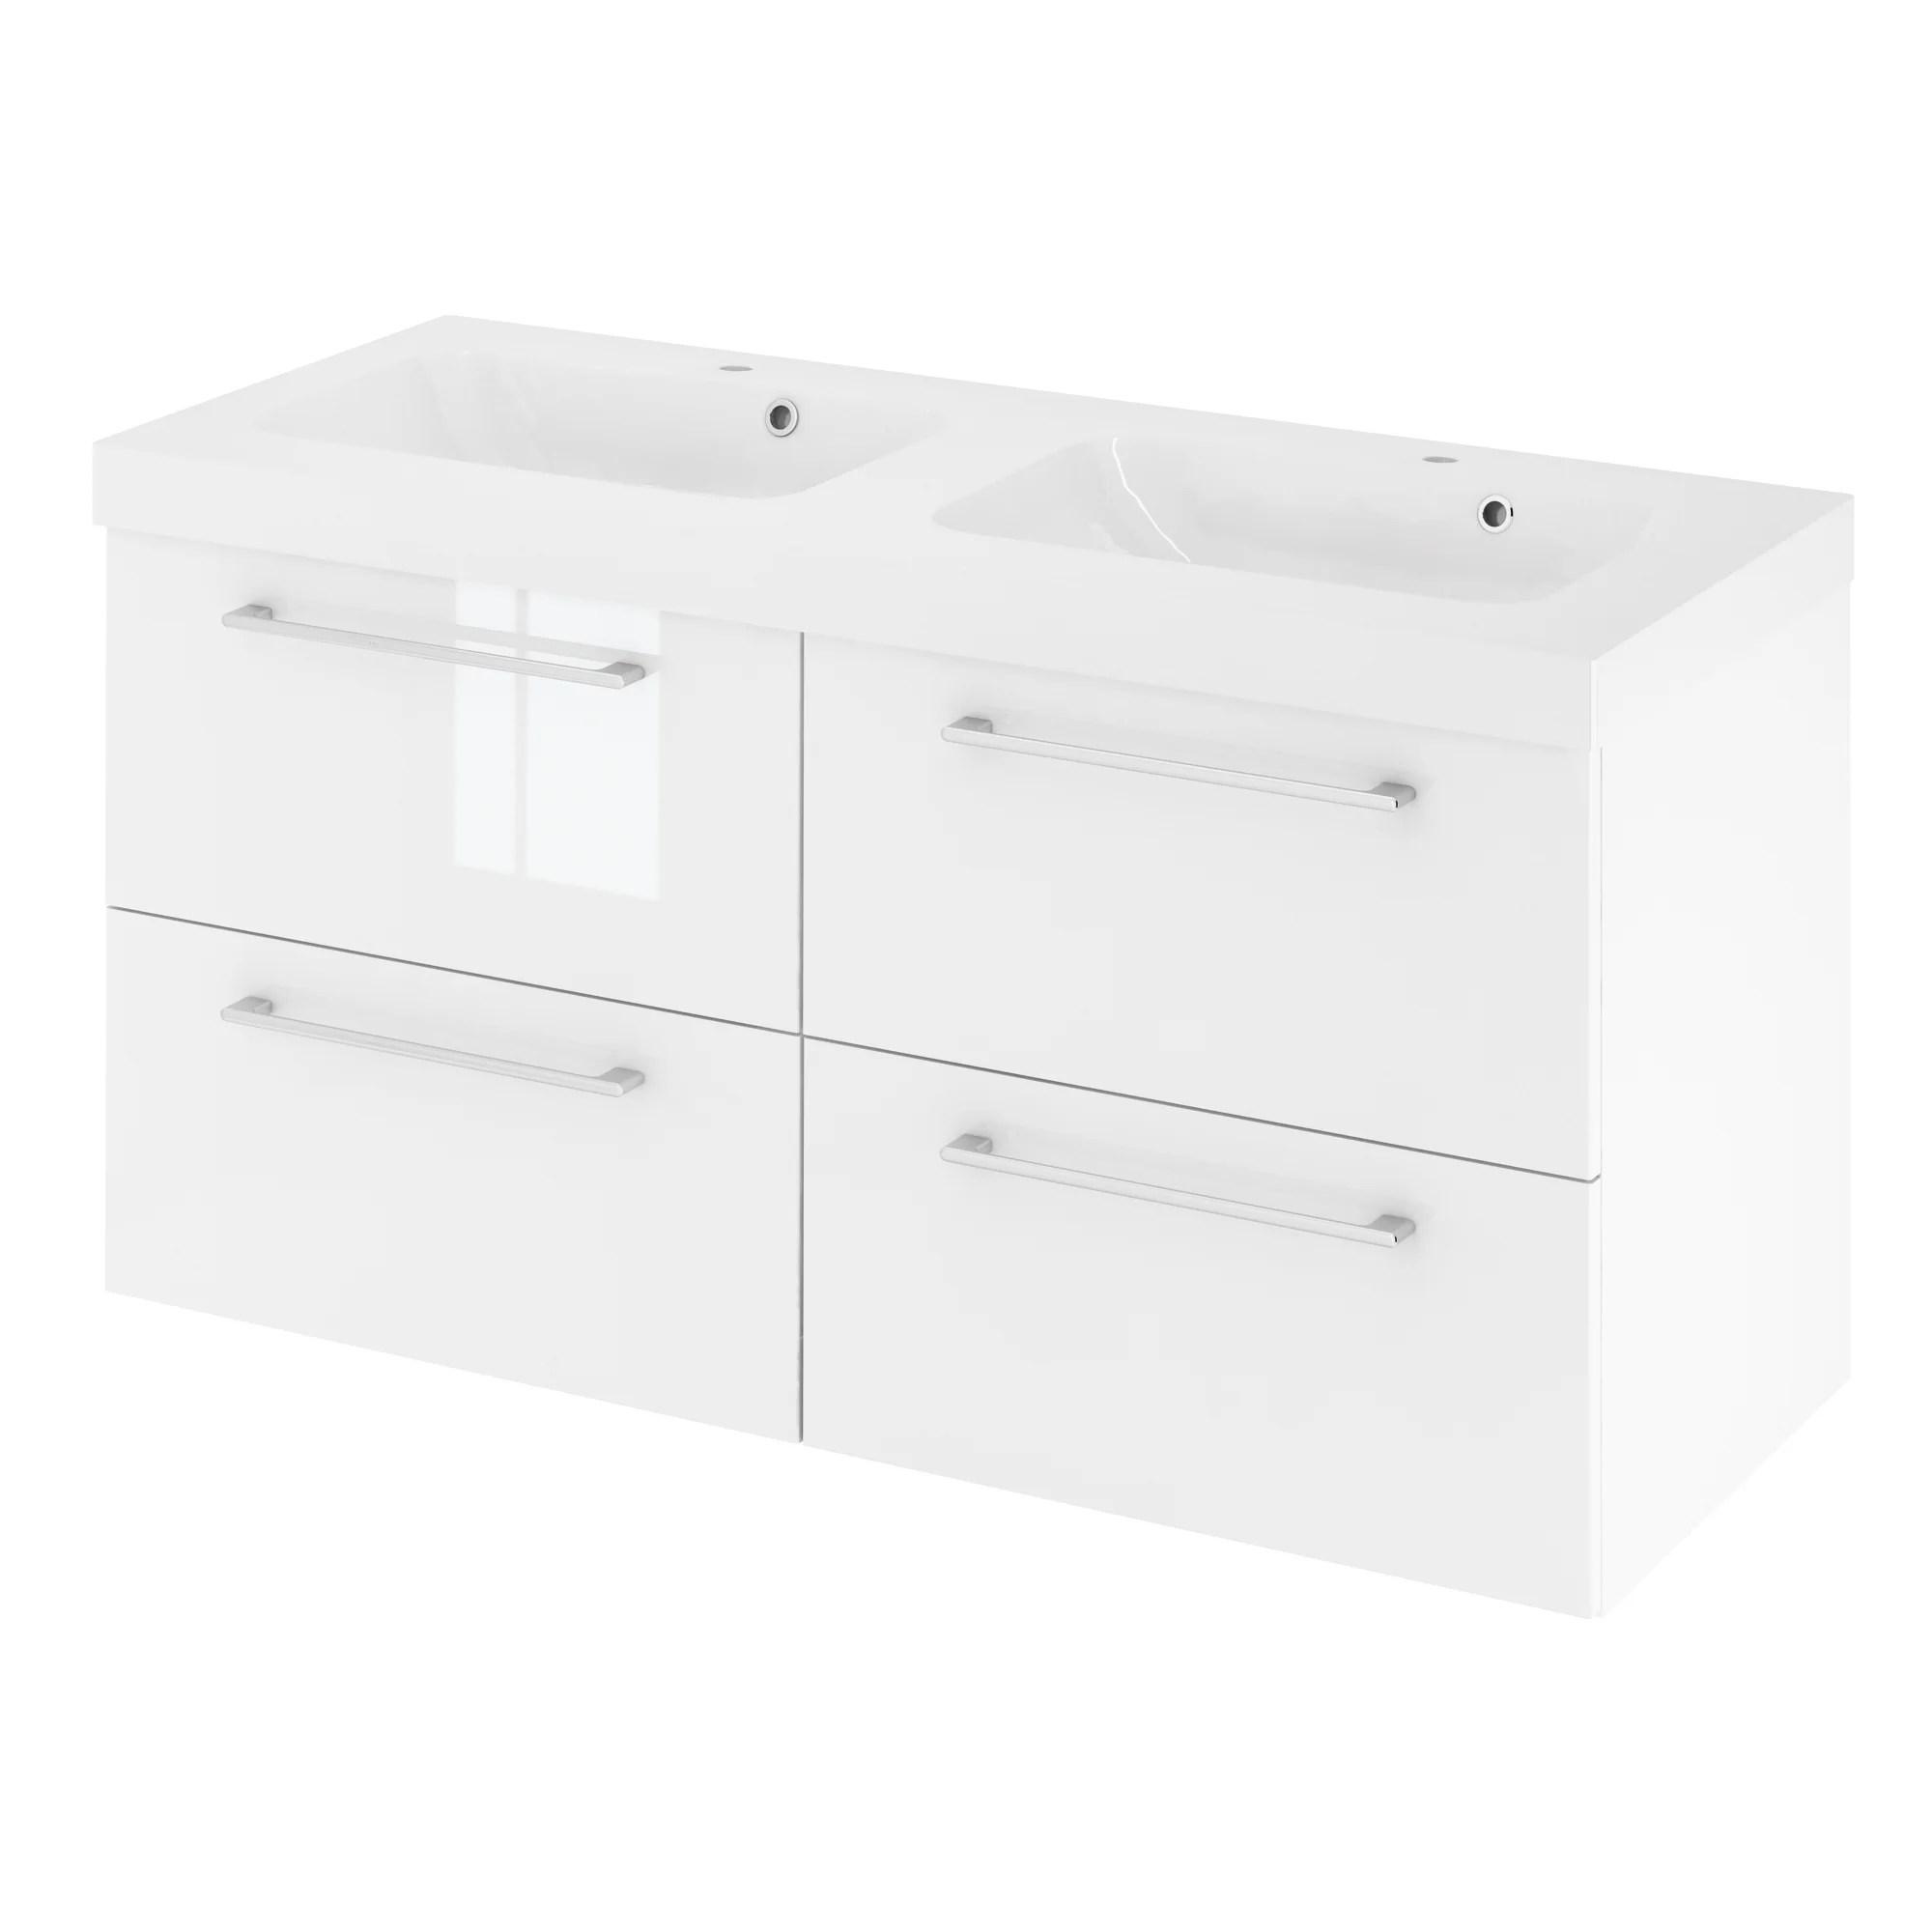 meuble simple vasque l 120 x h 58 x p 46 cm blanc remix